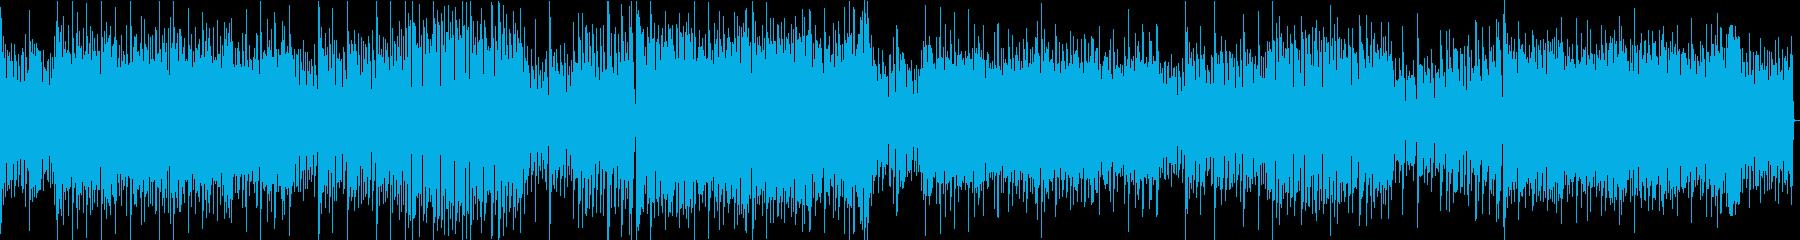 近未来のSF戦闘曲/浮遊感/クールな印象の再生済みの波形